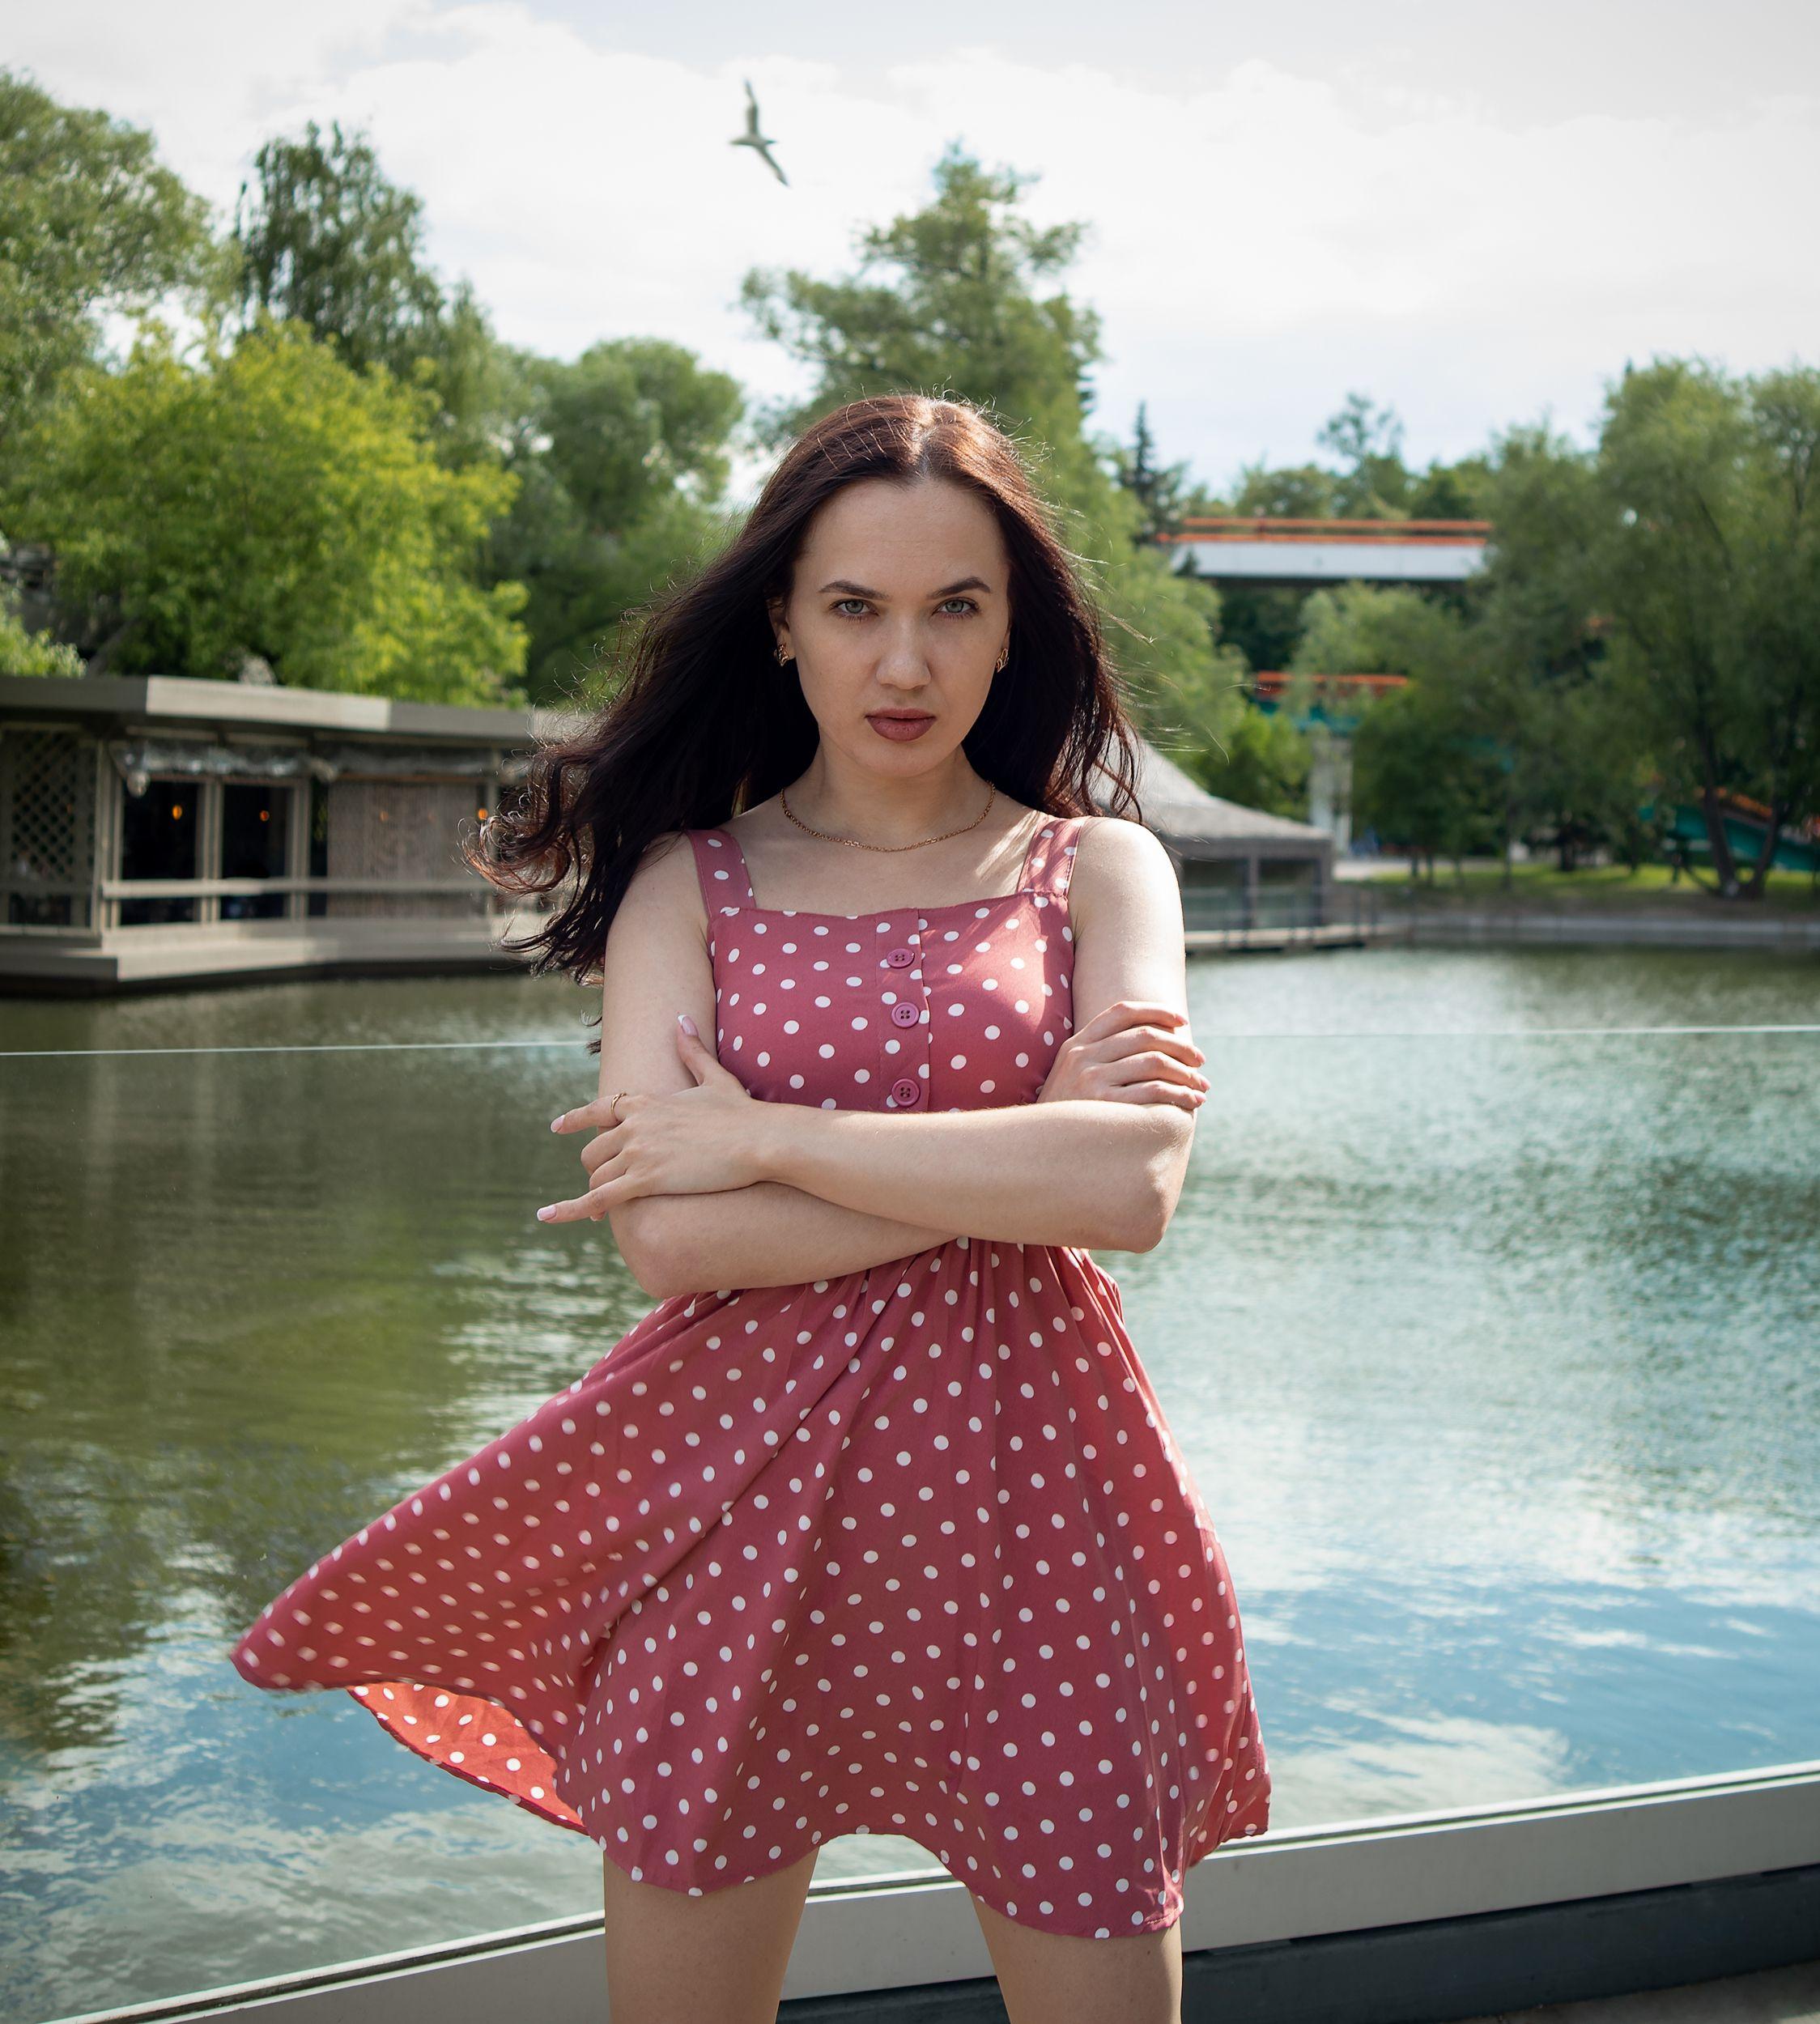 стрит, красивая девушка, женский портрет, концептуальное, Бабаев Зураб